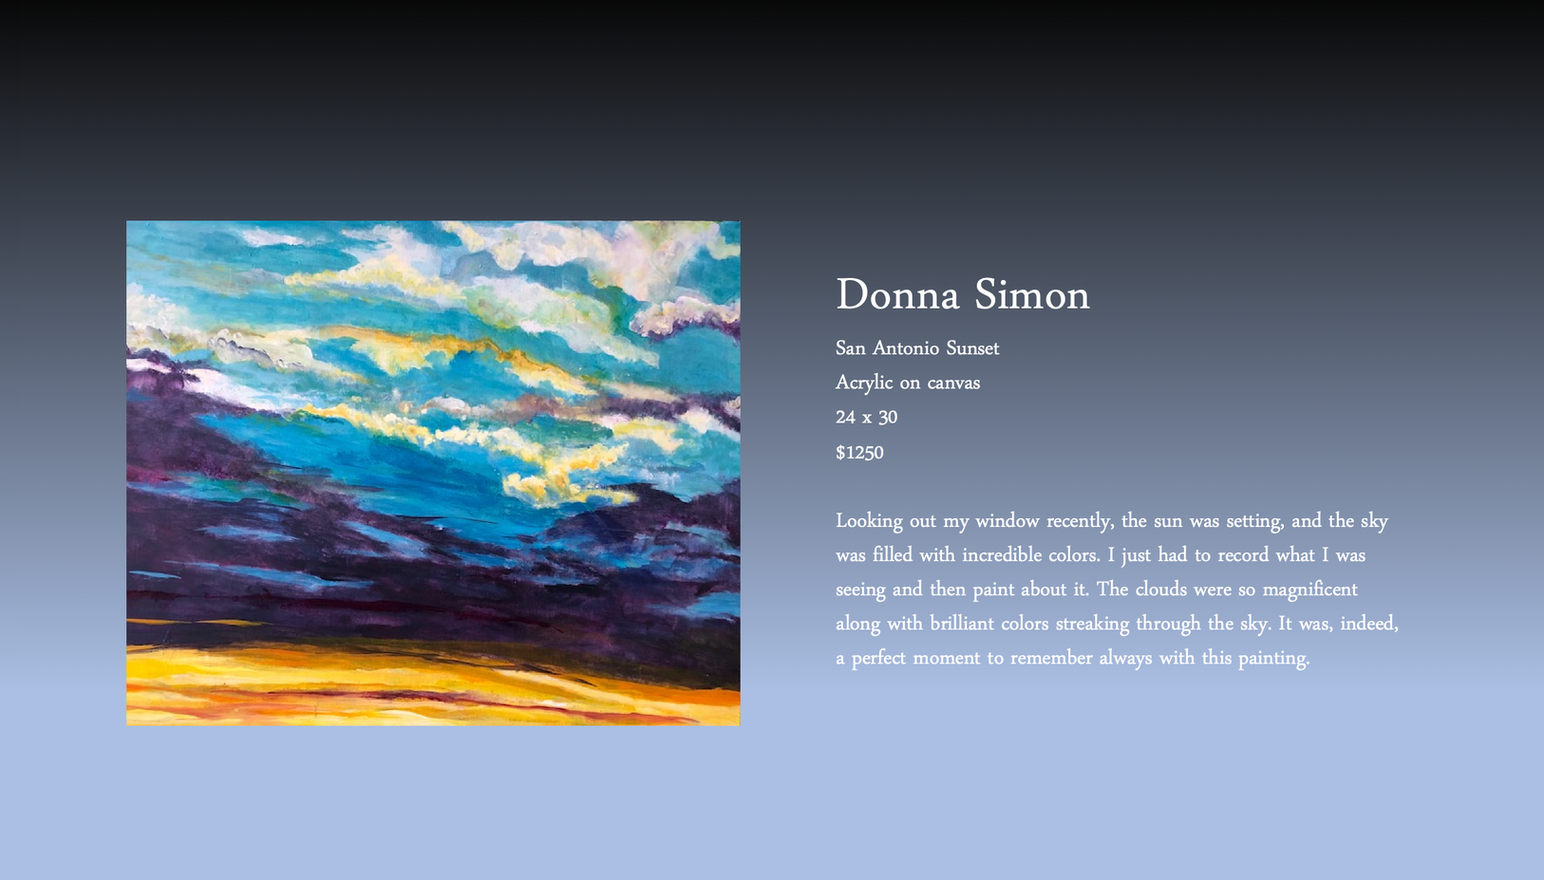 Donna Simon